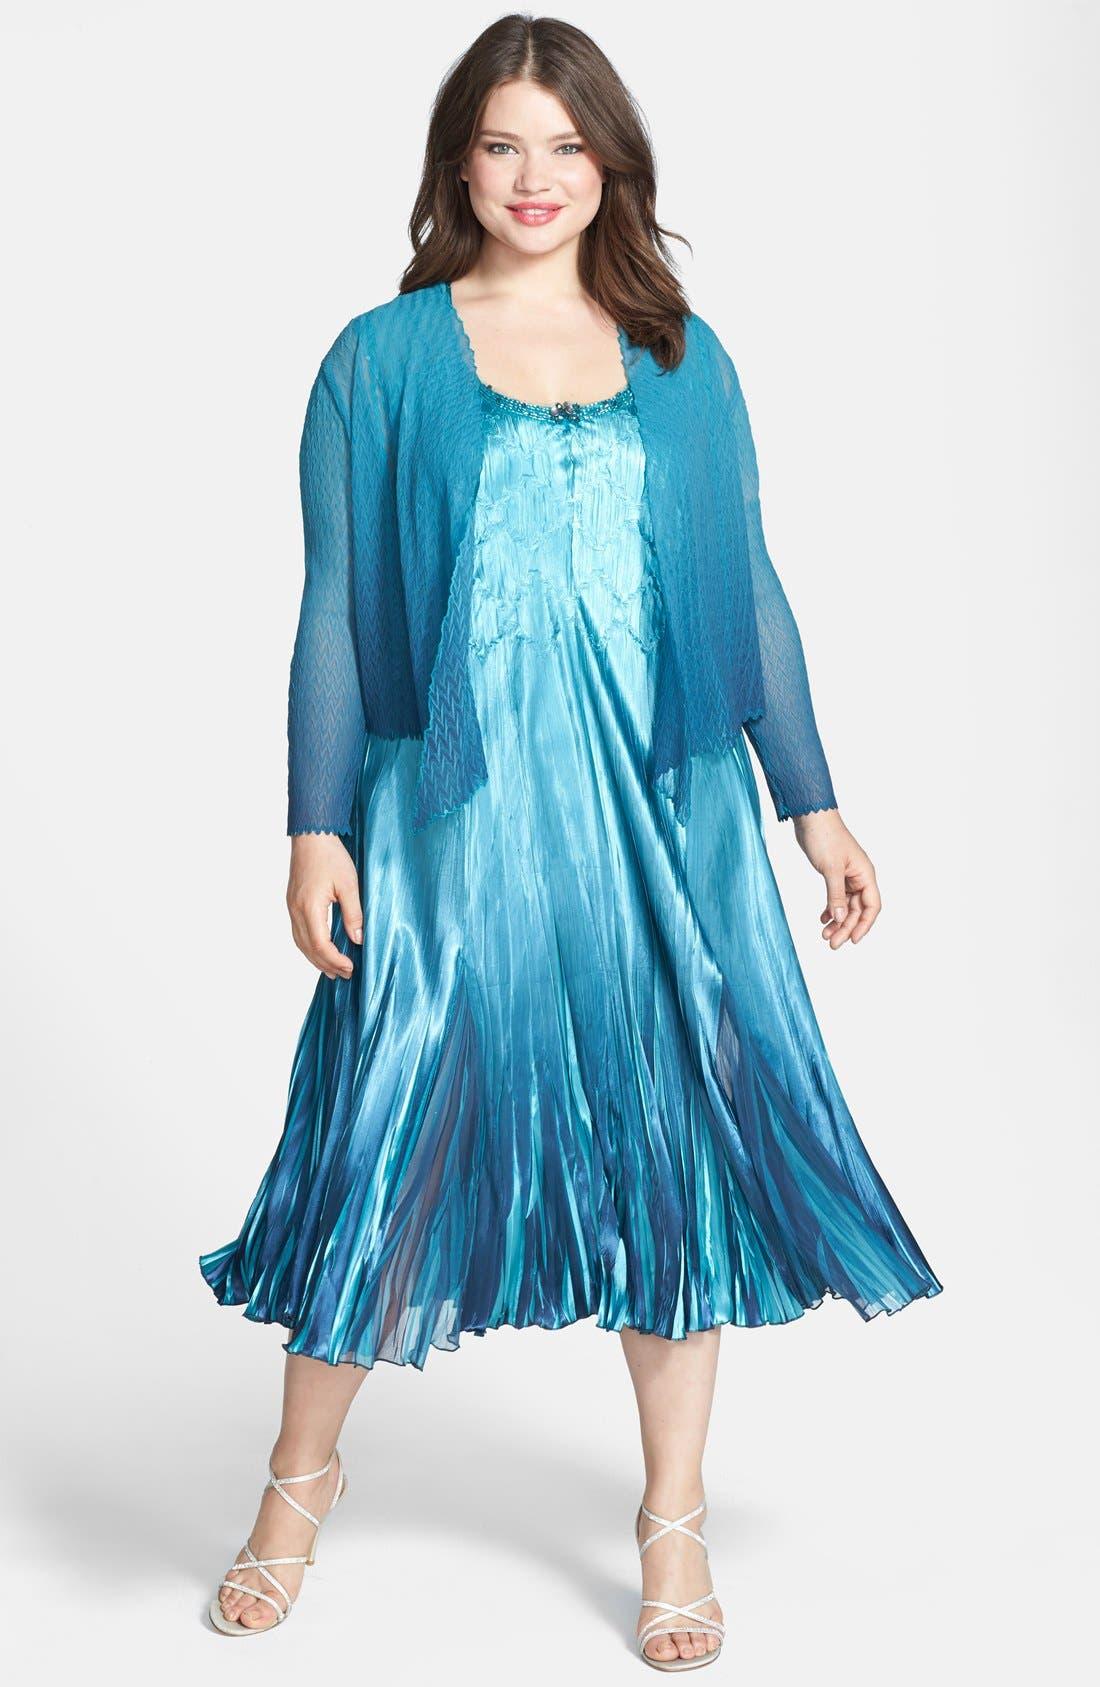 Alternate Image 1 Selected - Komarov Chiffon & Charmeuse Dress with Jacket (Plus Size)